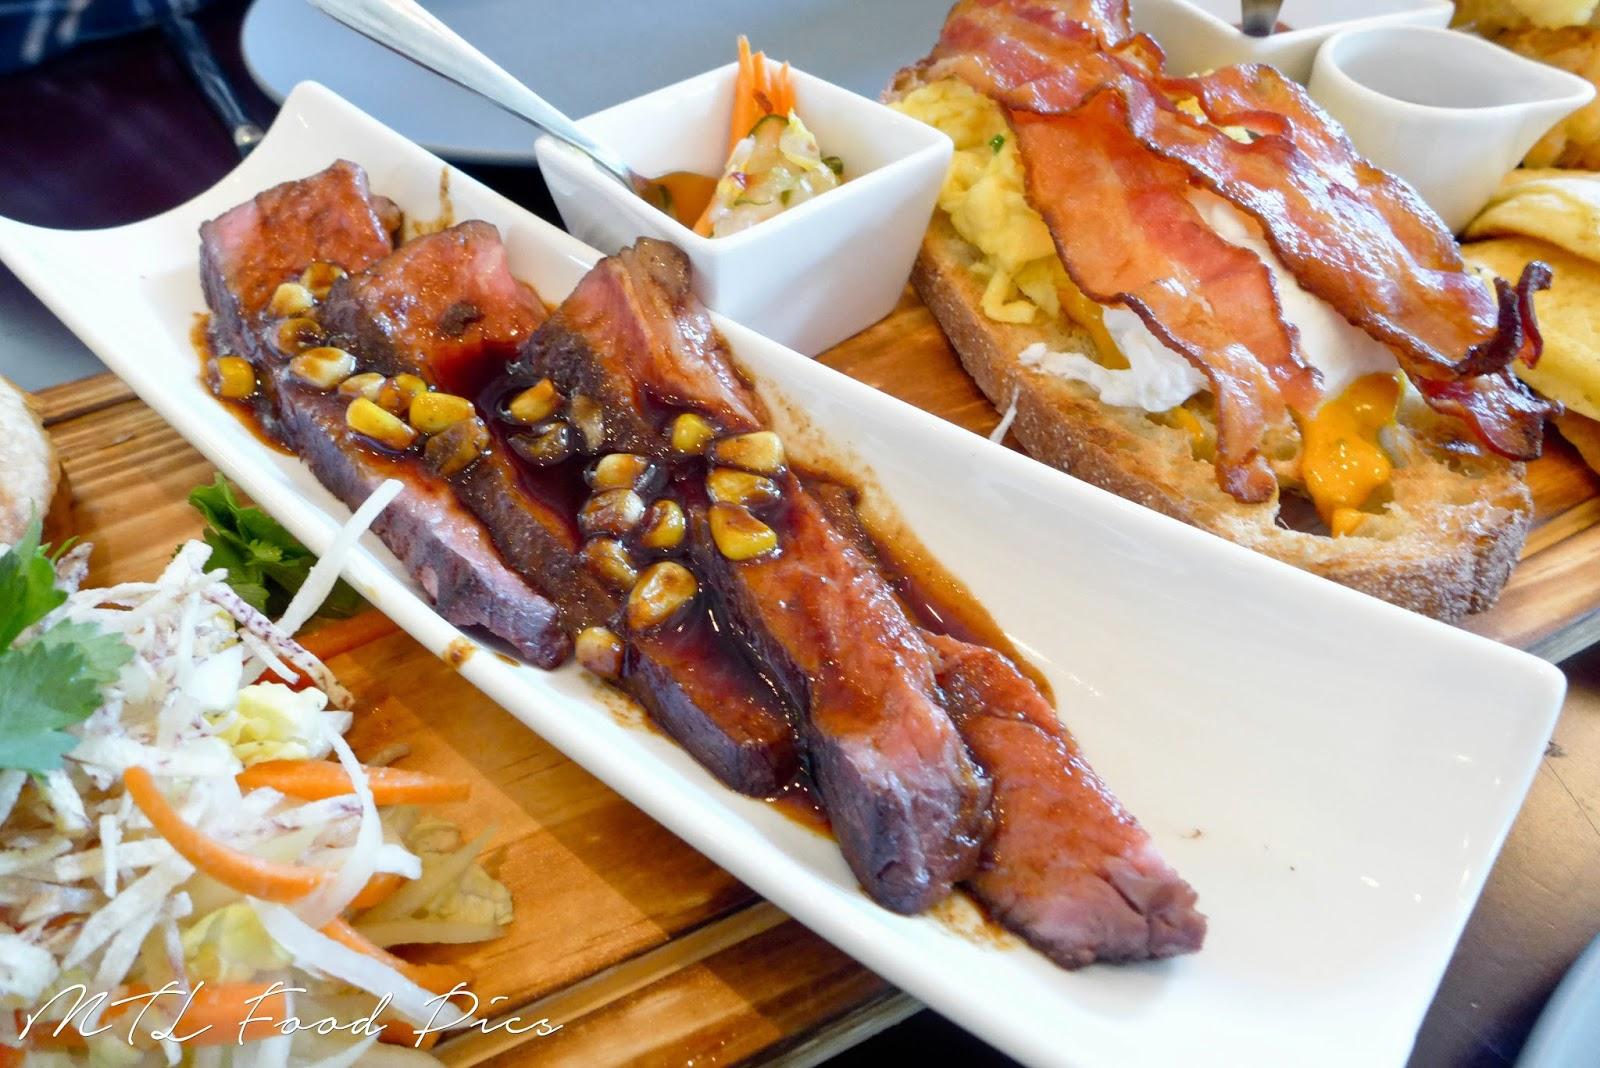 Next Restaurant - Bacon, Eggs, Steak, Kimchi Ottawa